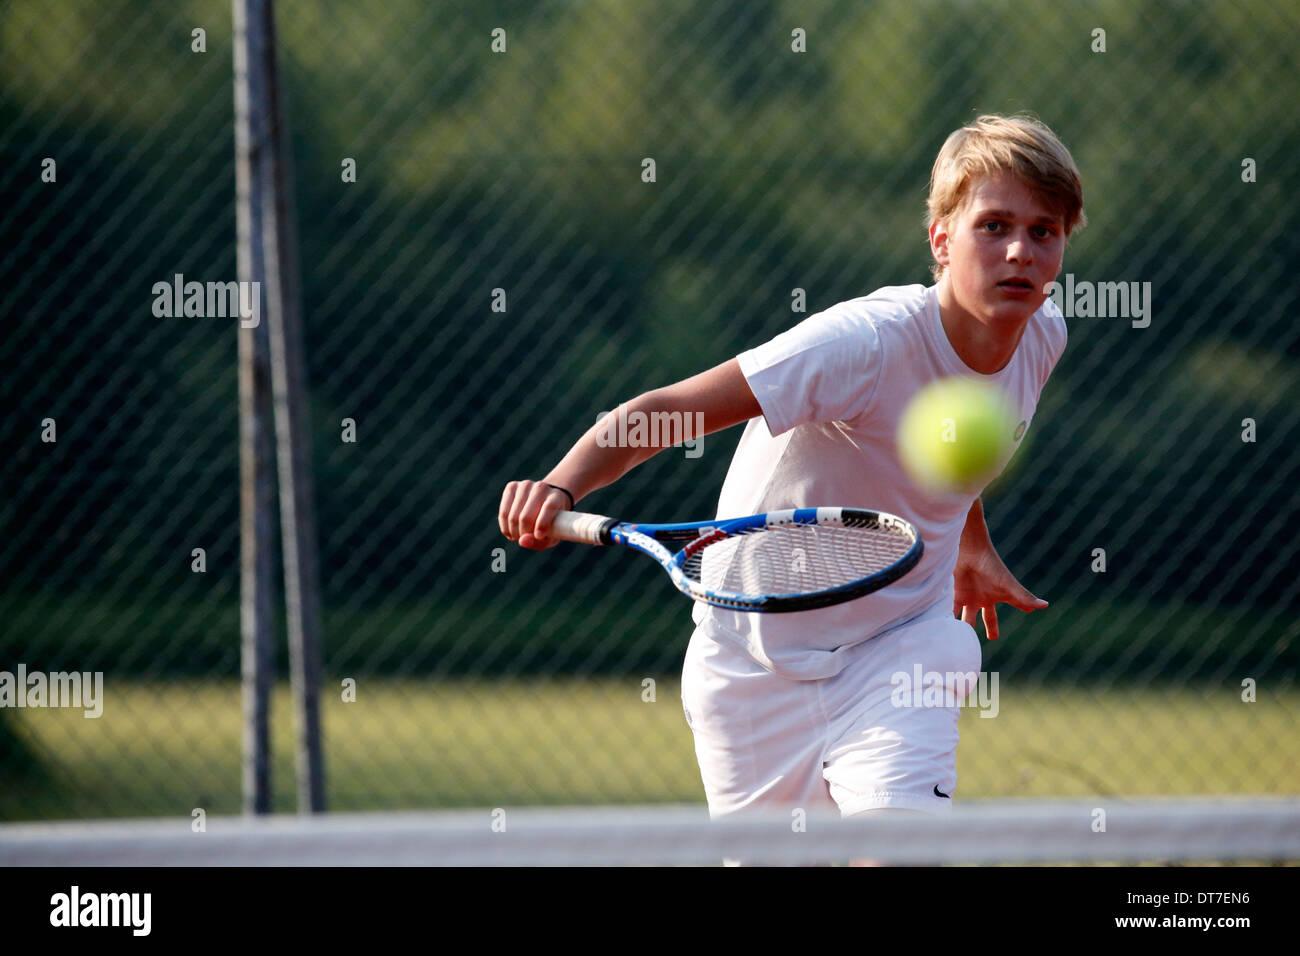 Giocatore di tennis. Immagini Stock